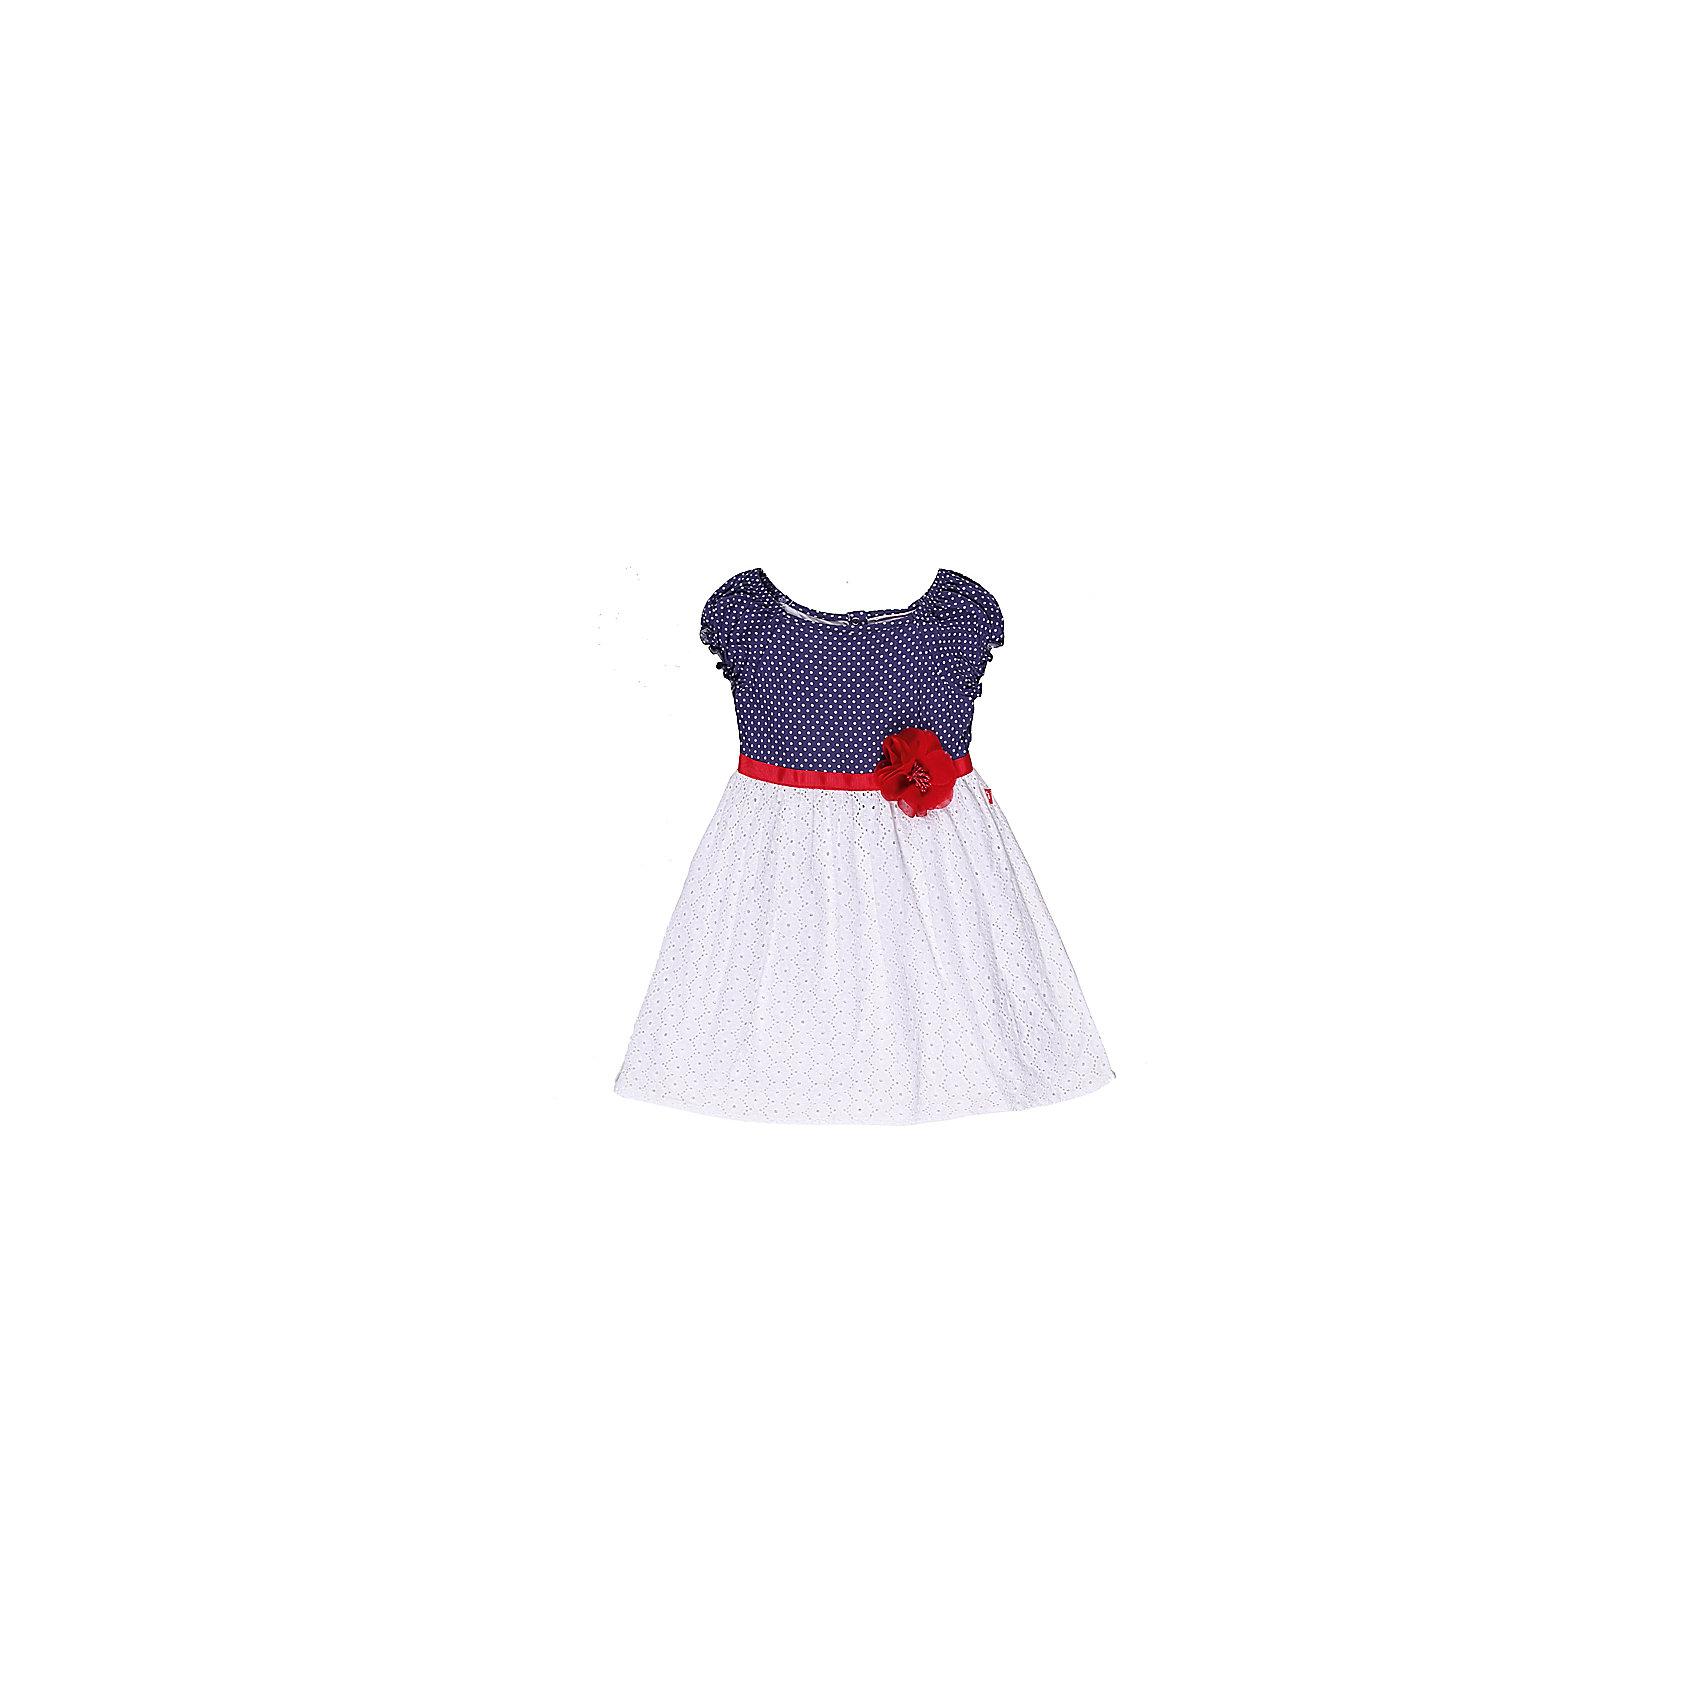 Платье для девочки Sweet BerryПлатье на девочку, выполнено из двух видов ткани, верх - принтованный в горох трикотаж, низ - хлопковое шитье, платье украшено поясом из репсовой ленты.<br>Состав:<br>100% хлопок<br><br>Ширина мм: 236<br>Глубина мм: 16<br>Высота мм: 184<br>Вес г: 177<br>Цвет: белый/синий<br>Возраст от месяцев: 24<br>Возраст до месяцев: 36<br>Пол: Женский<br>Возраст: Детский<br>Размер: 98,128,104,110,122,116<br>SKU: 4521084